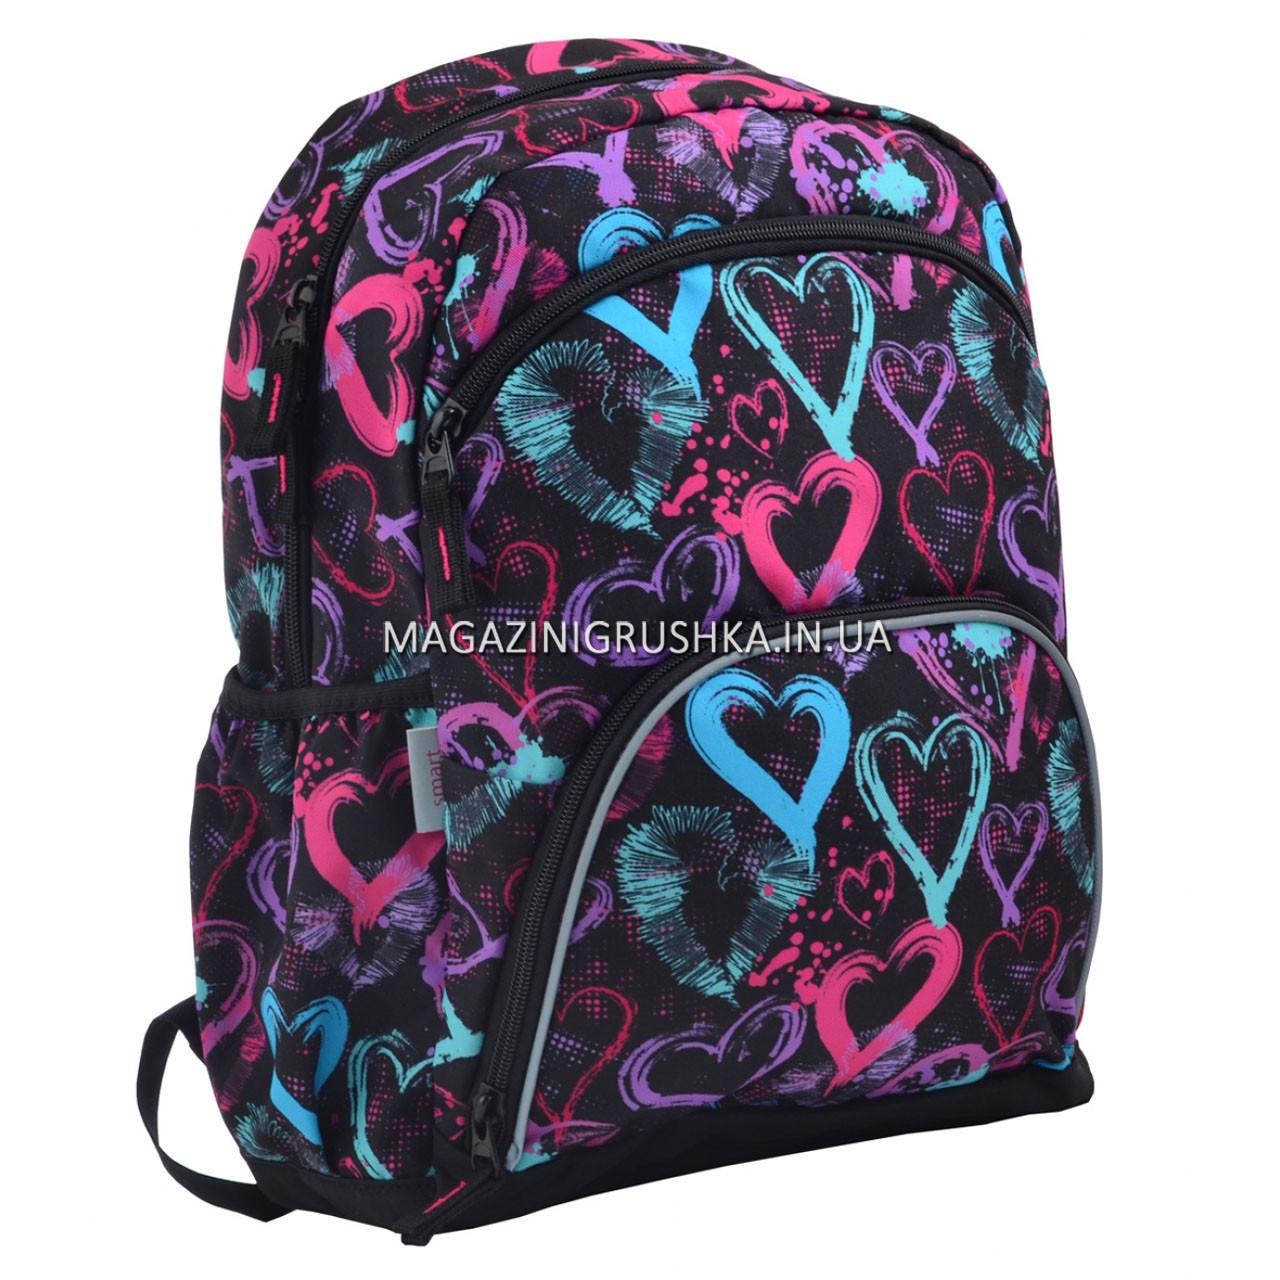 Рюкзак школьный Smart SG-21 Warmth, 40*30*13